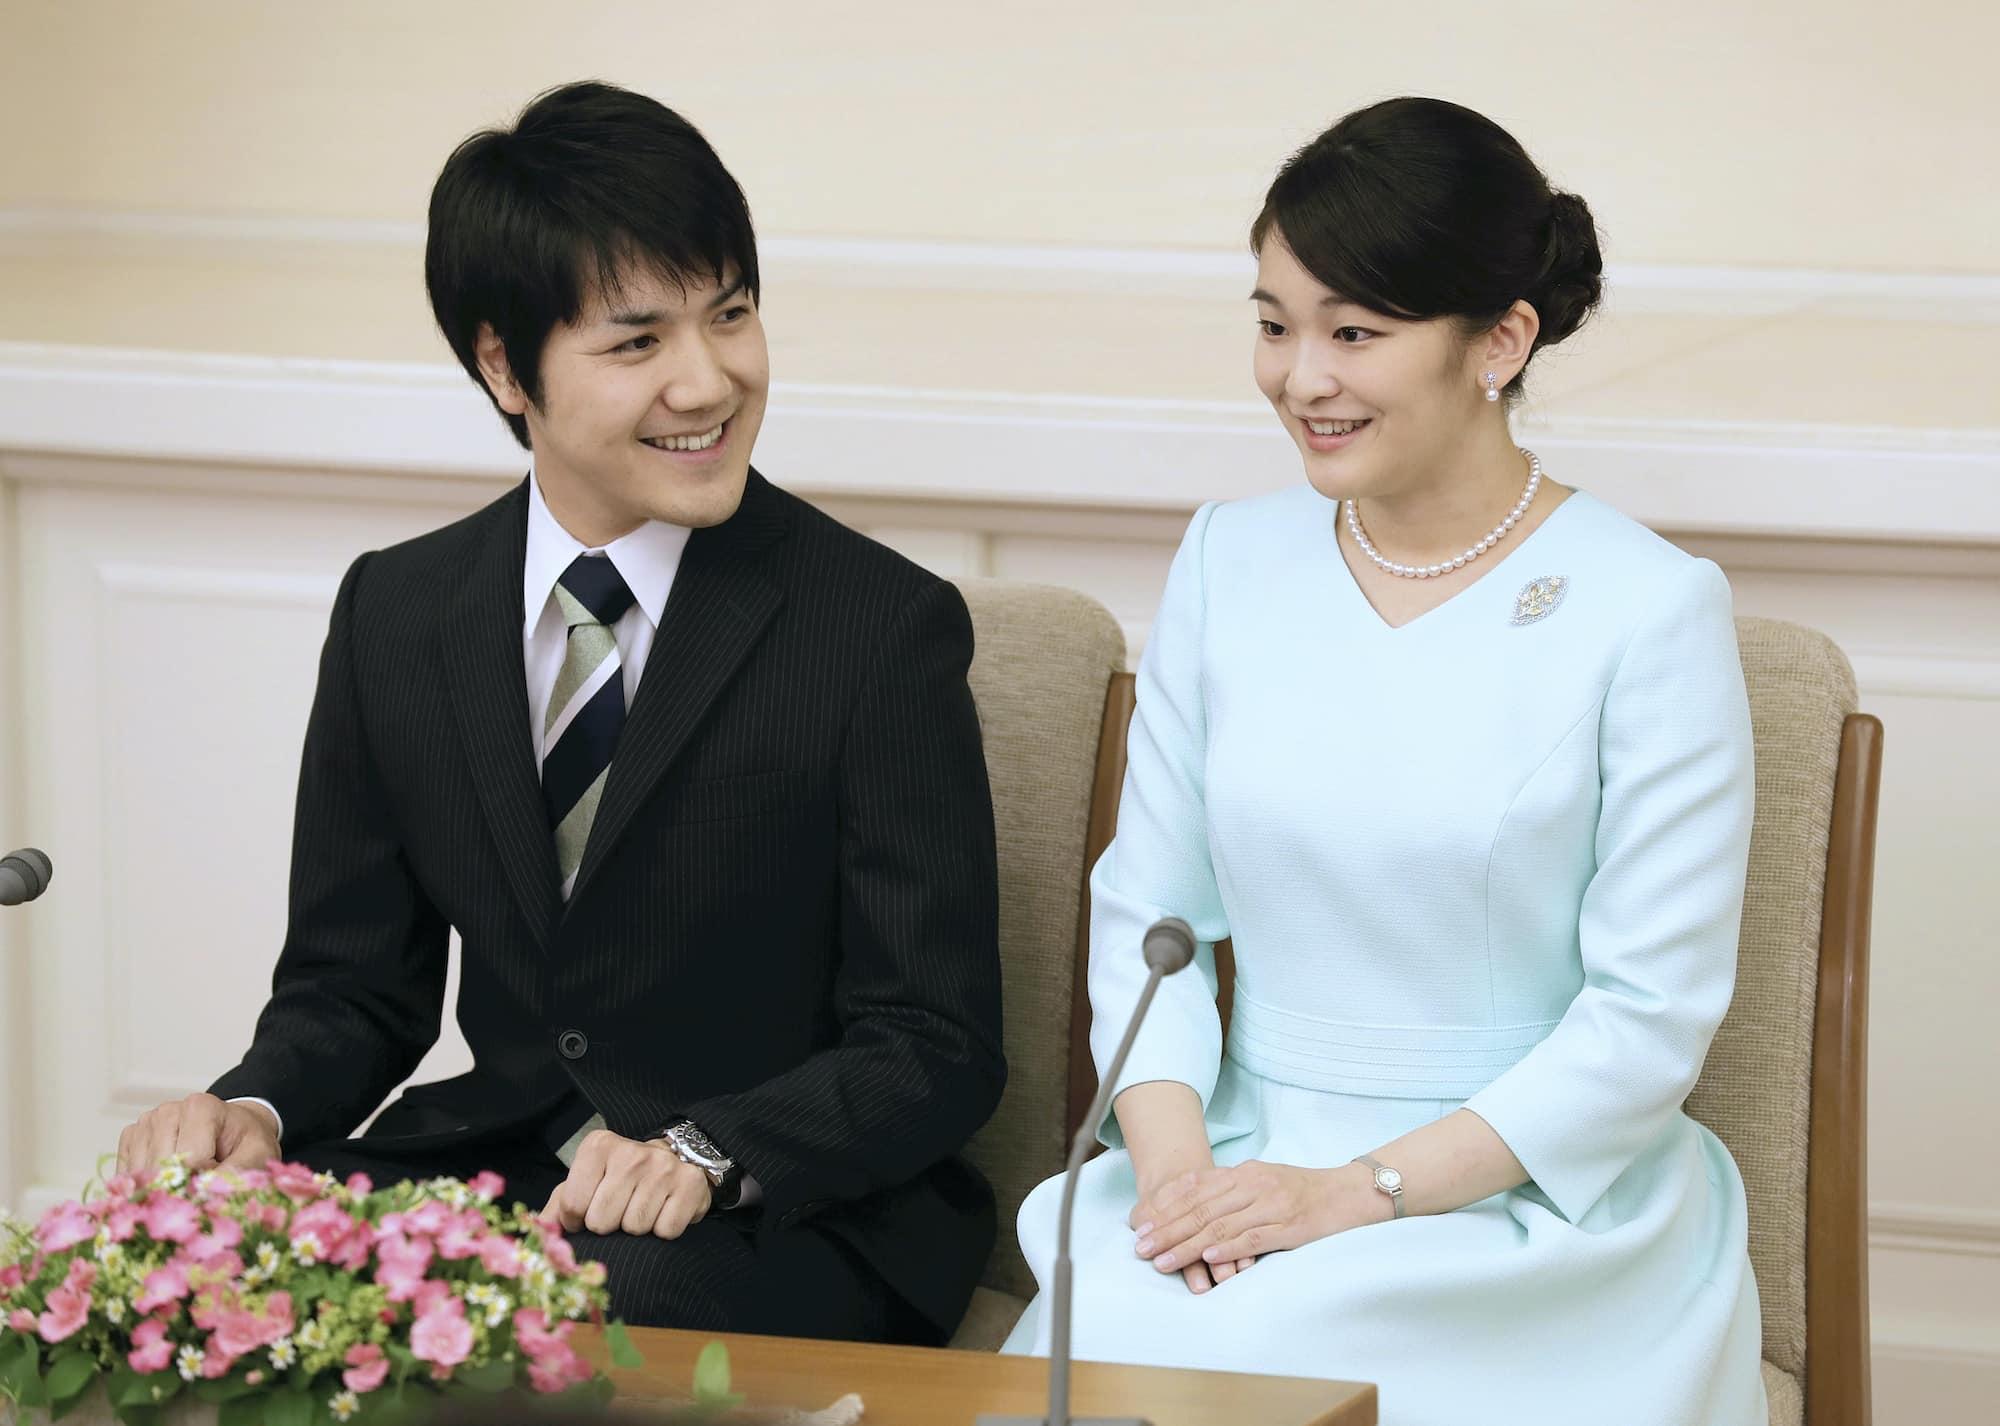 Kei Komuro: Doch Hochzeit mit Prinzessin Mako?